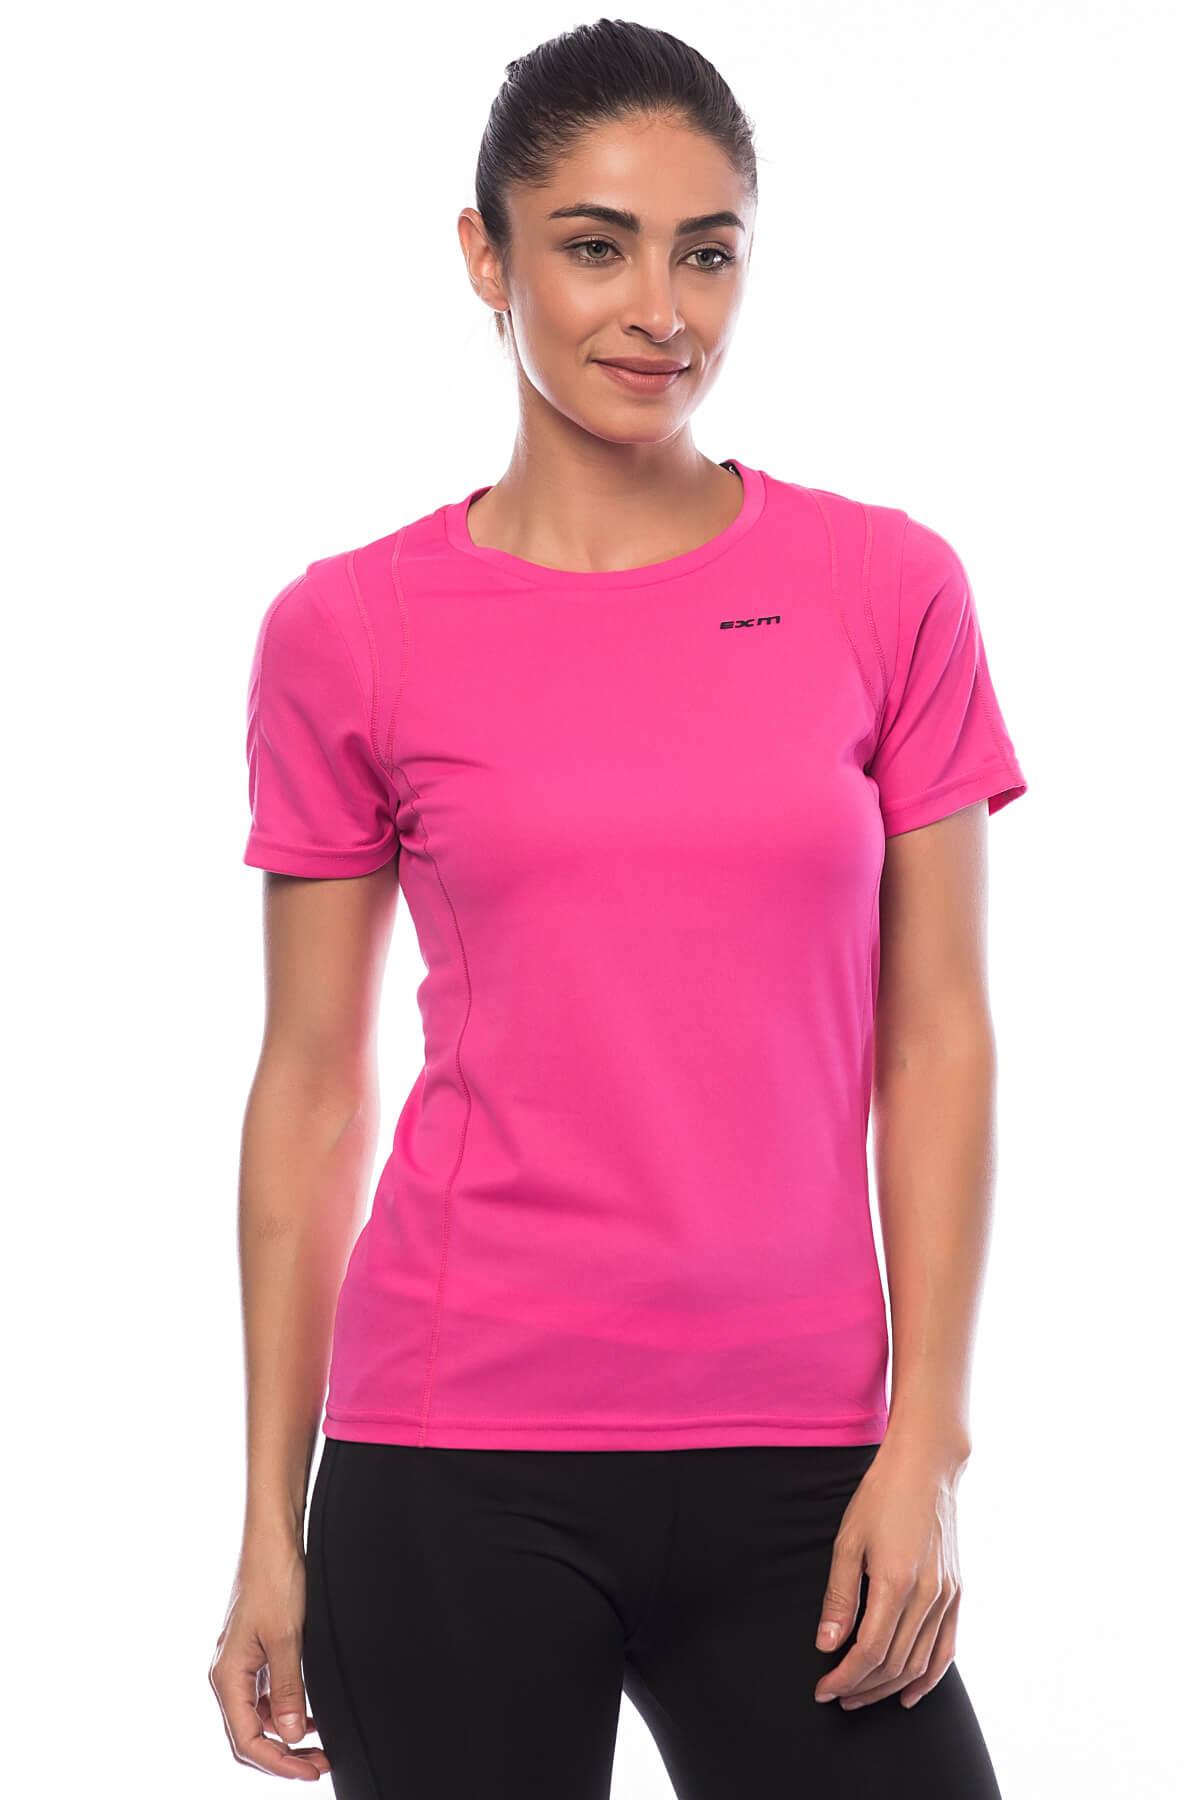 Exuma Kadın T-shirt 142250 1